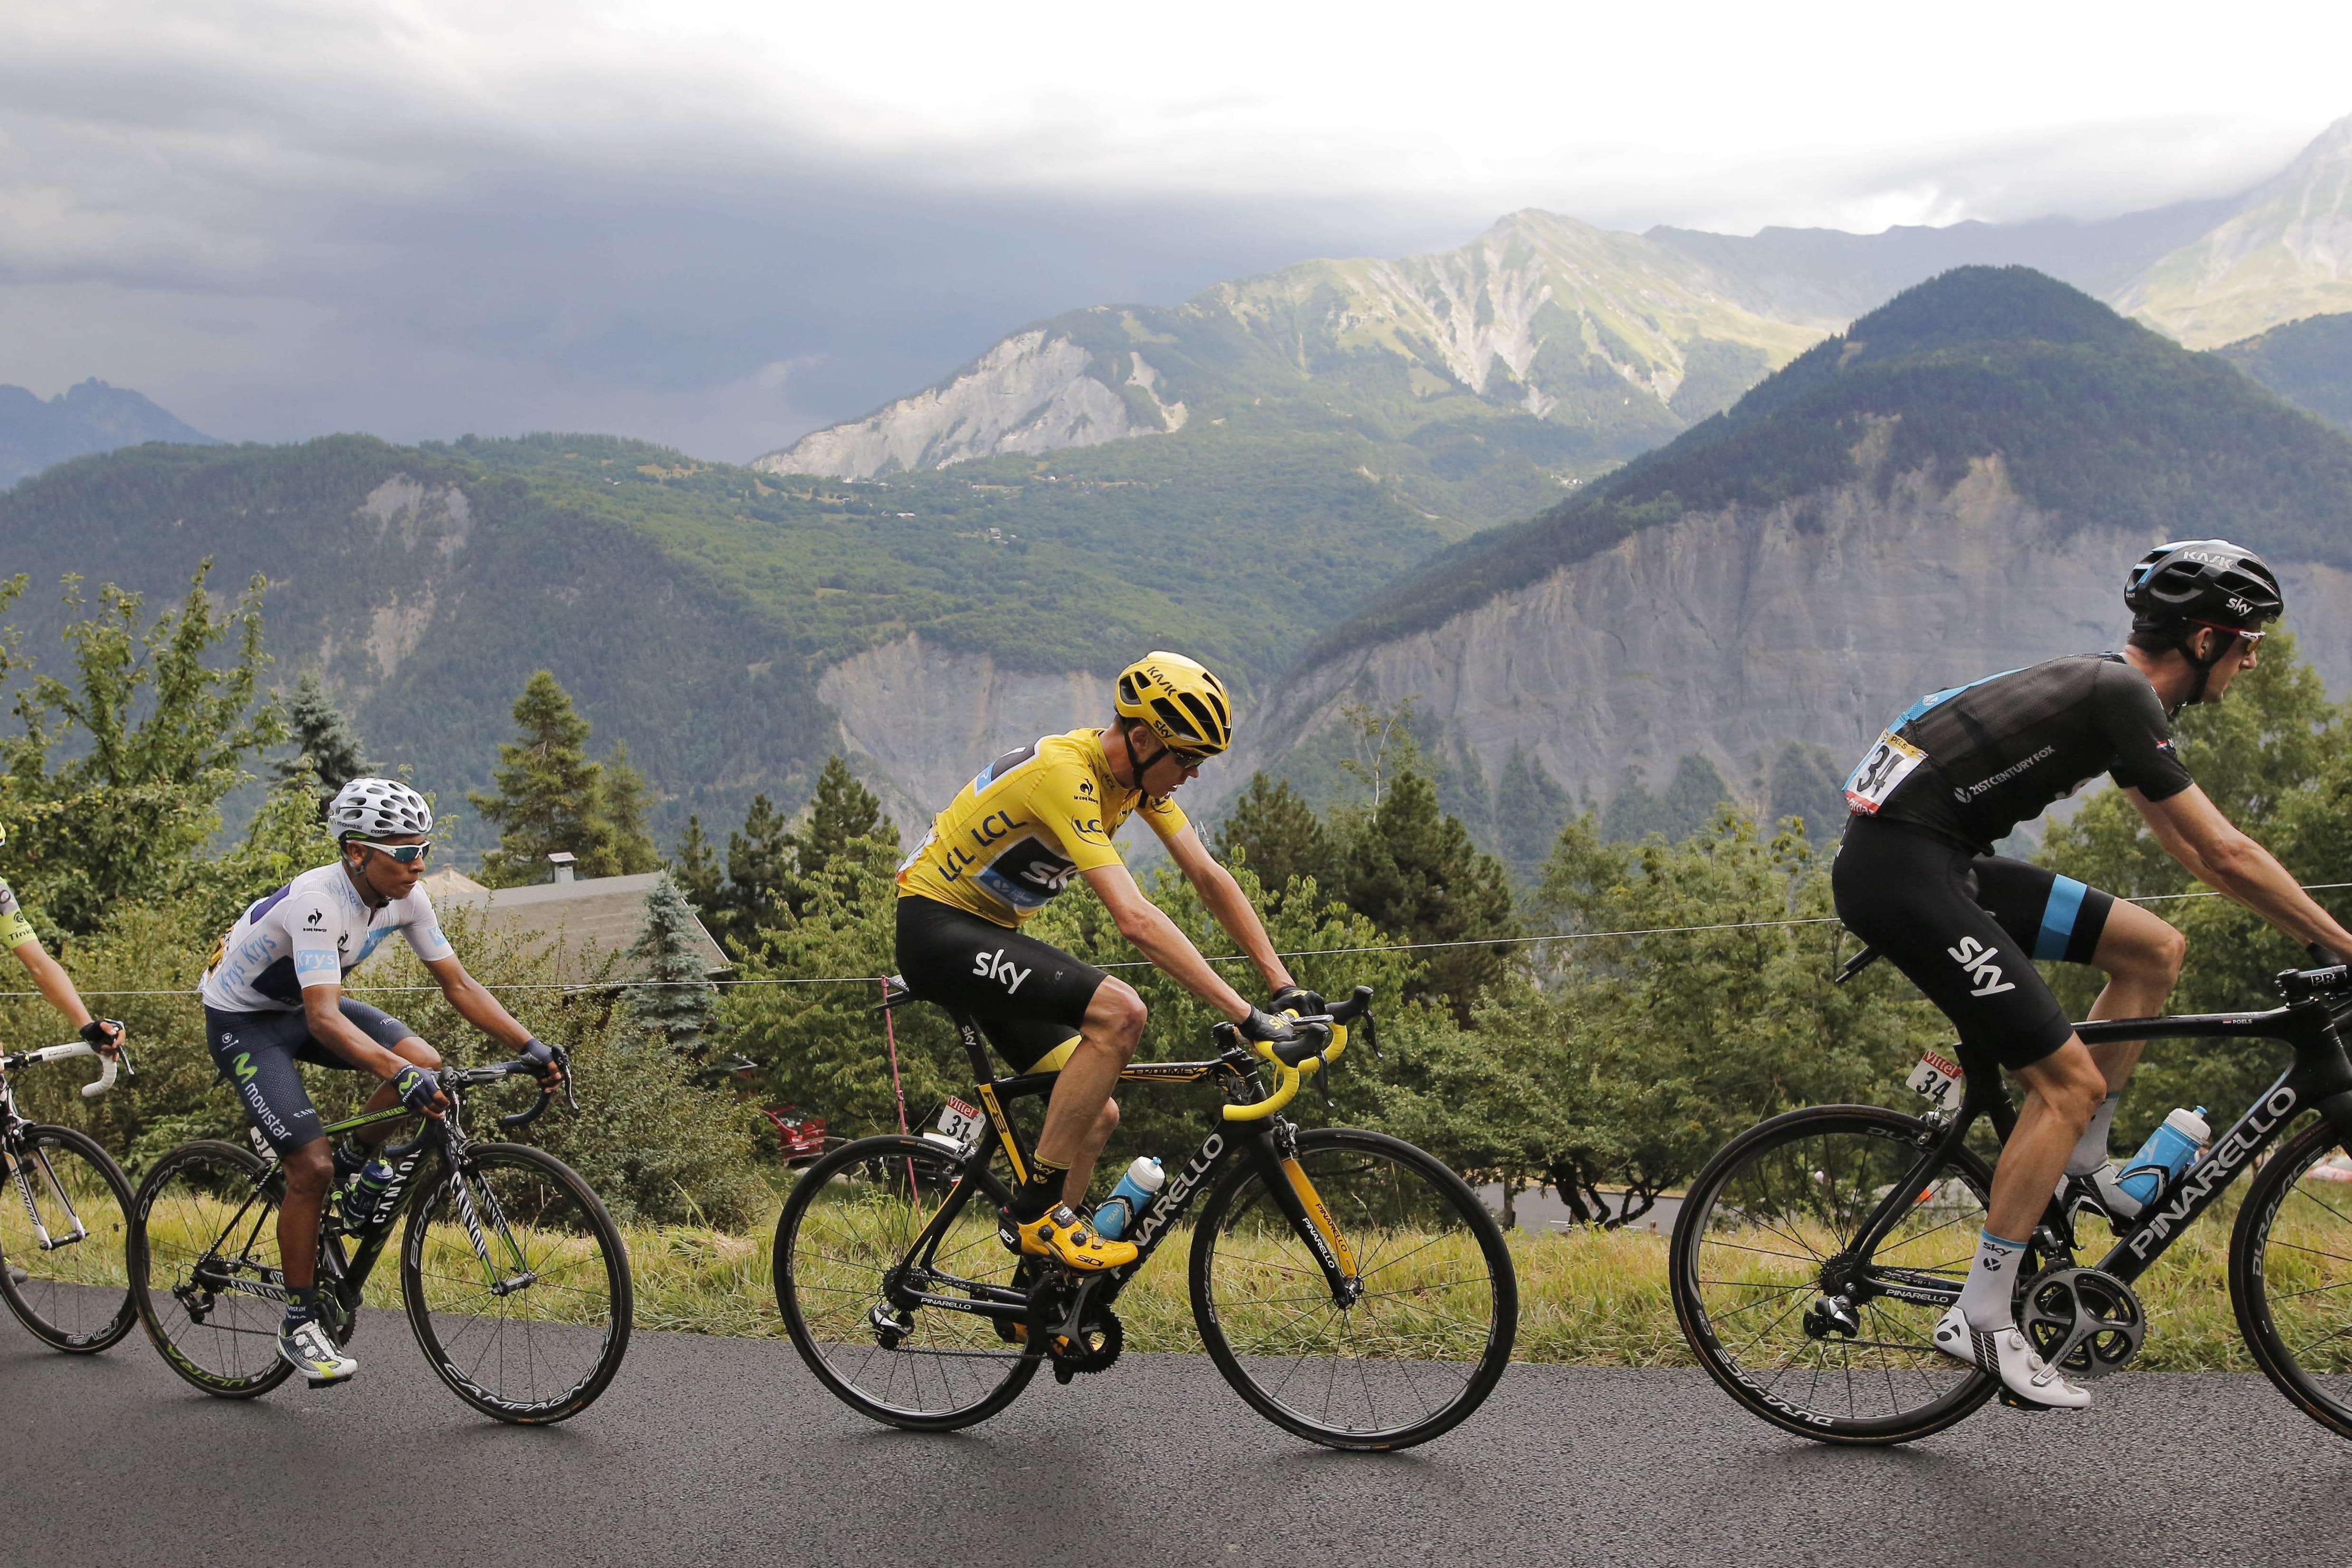 Tour de france 2016 dates